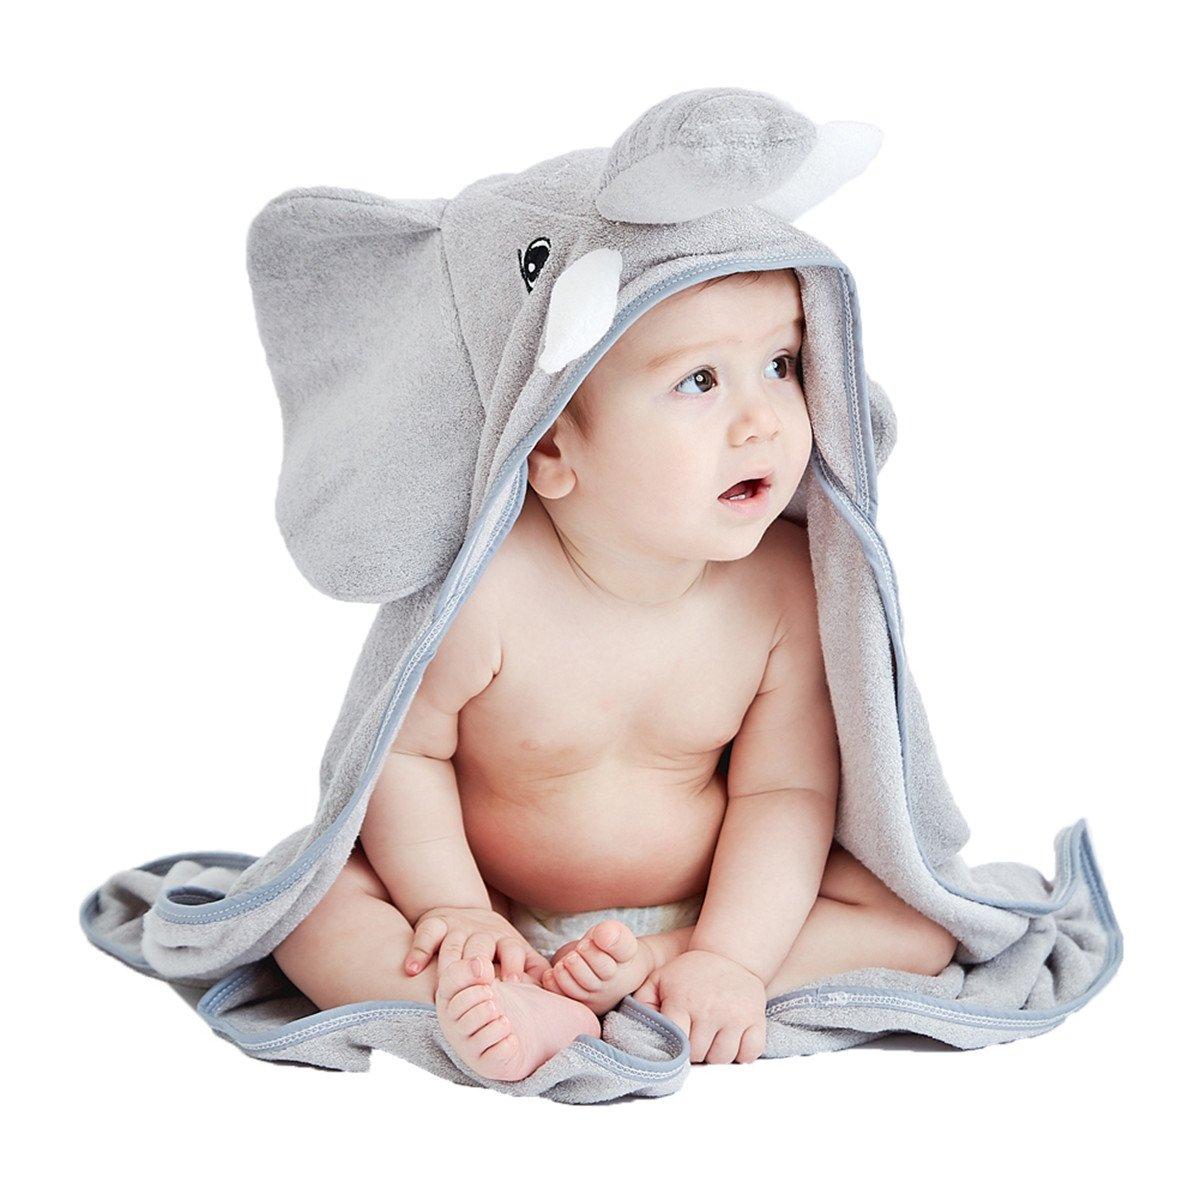 Storeofbaby Asciugamano con cappuccio baby 100% fibra di bambù super morbido assorbente con elefante stampato unisex Baby Hooded Towel_EU